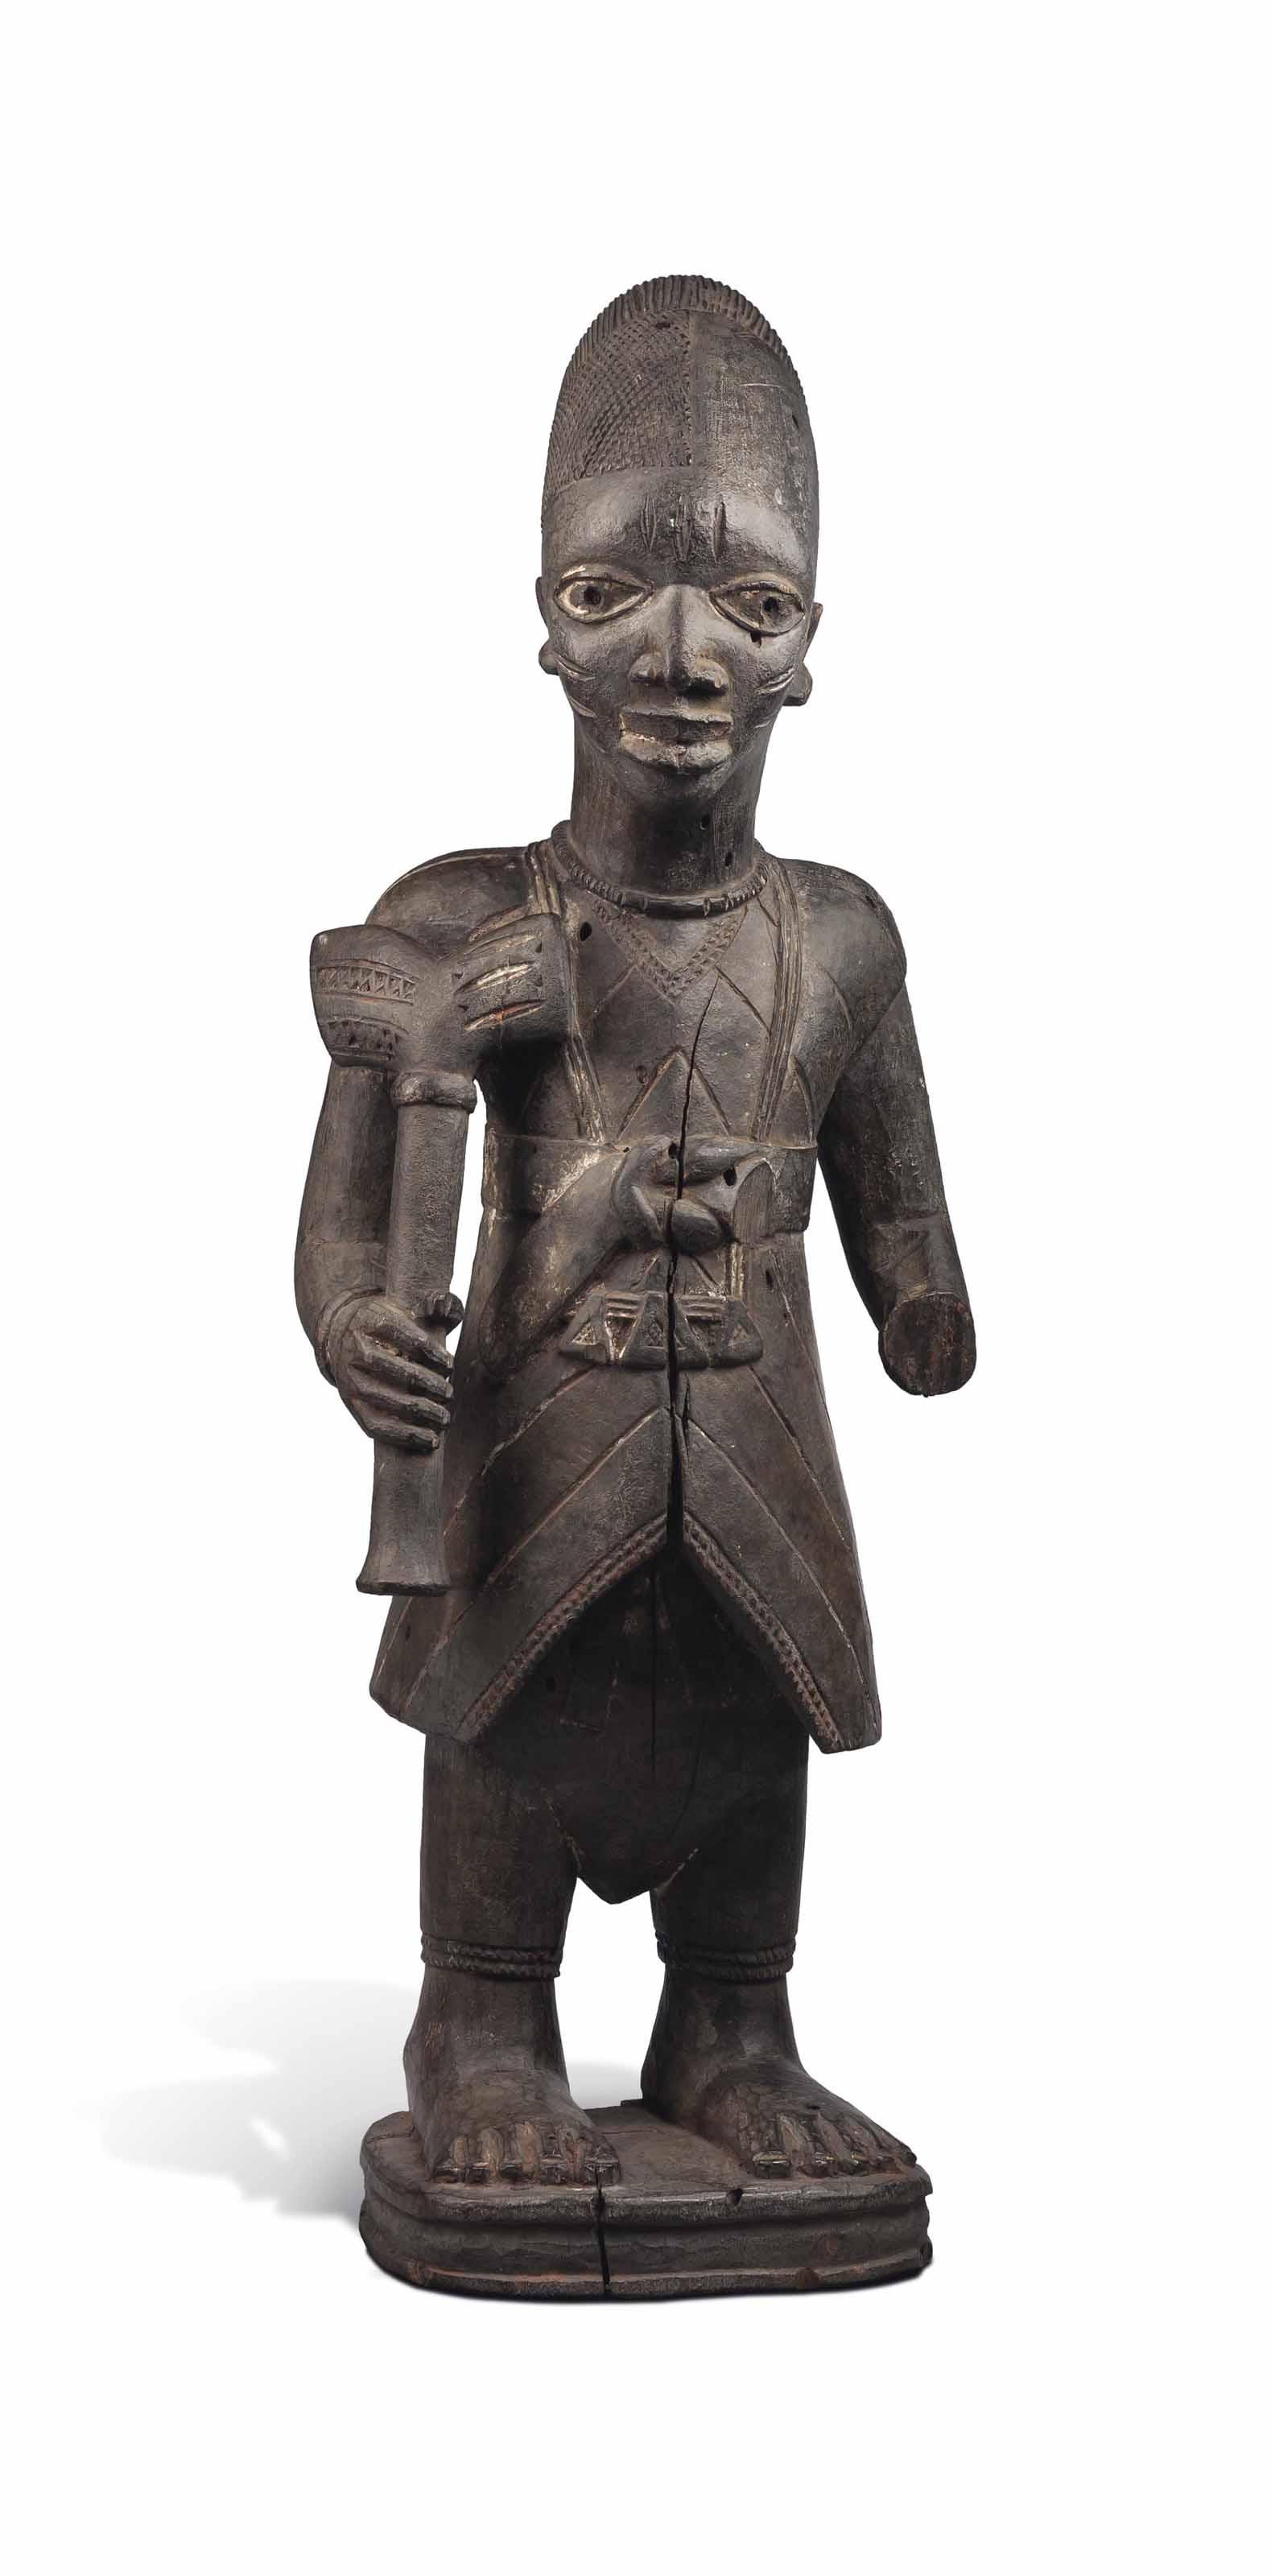 Statue Yorouba Yoruba figure